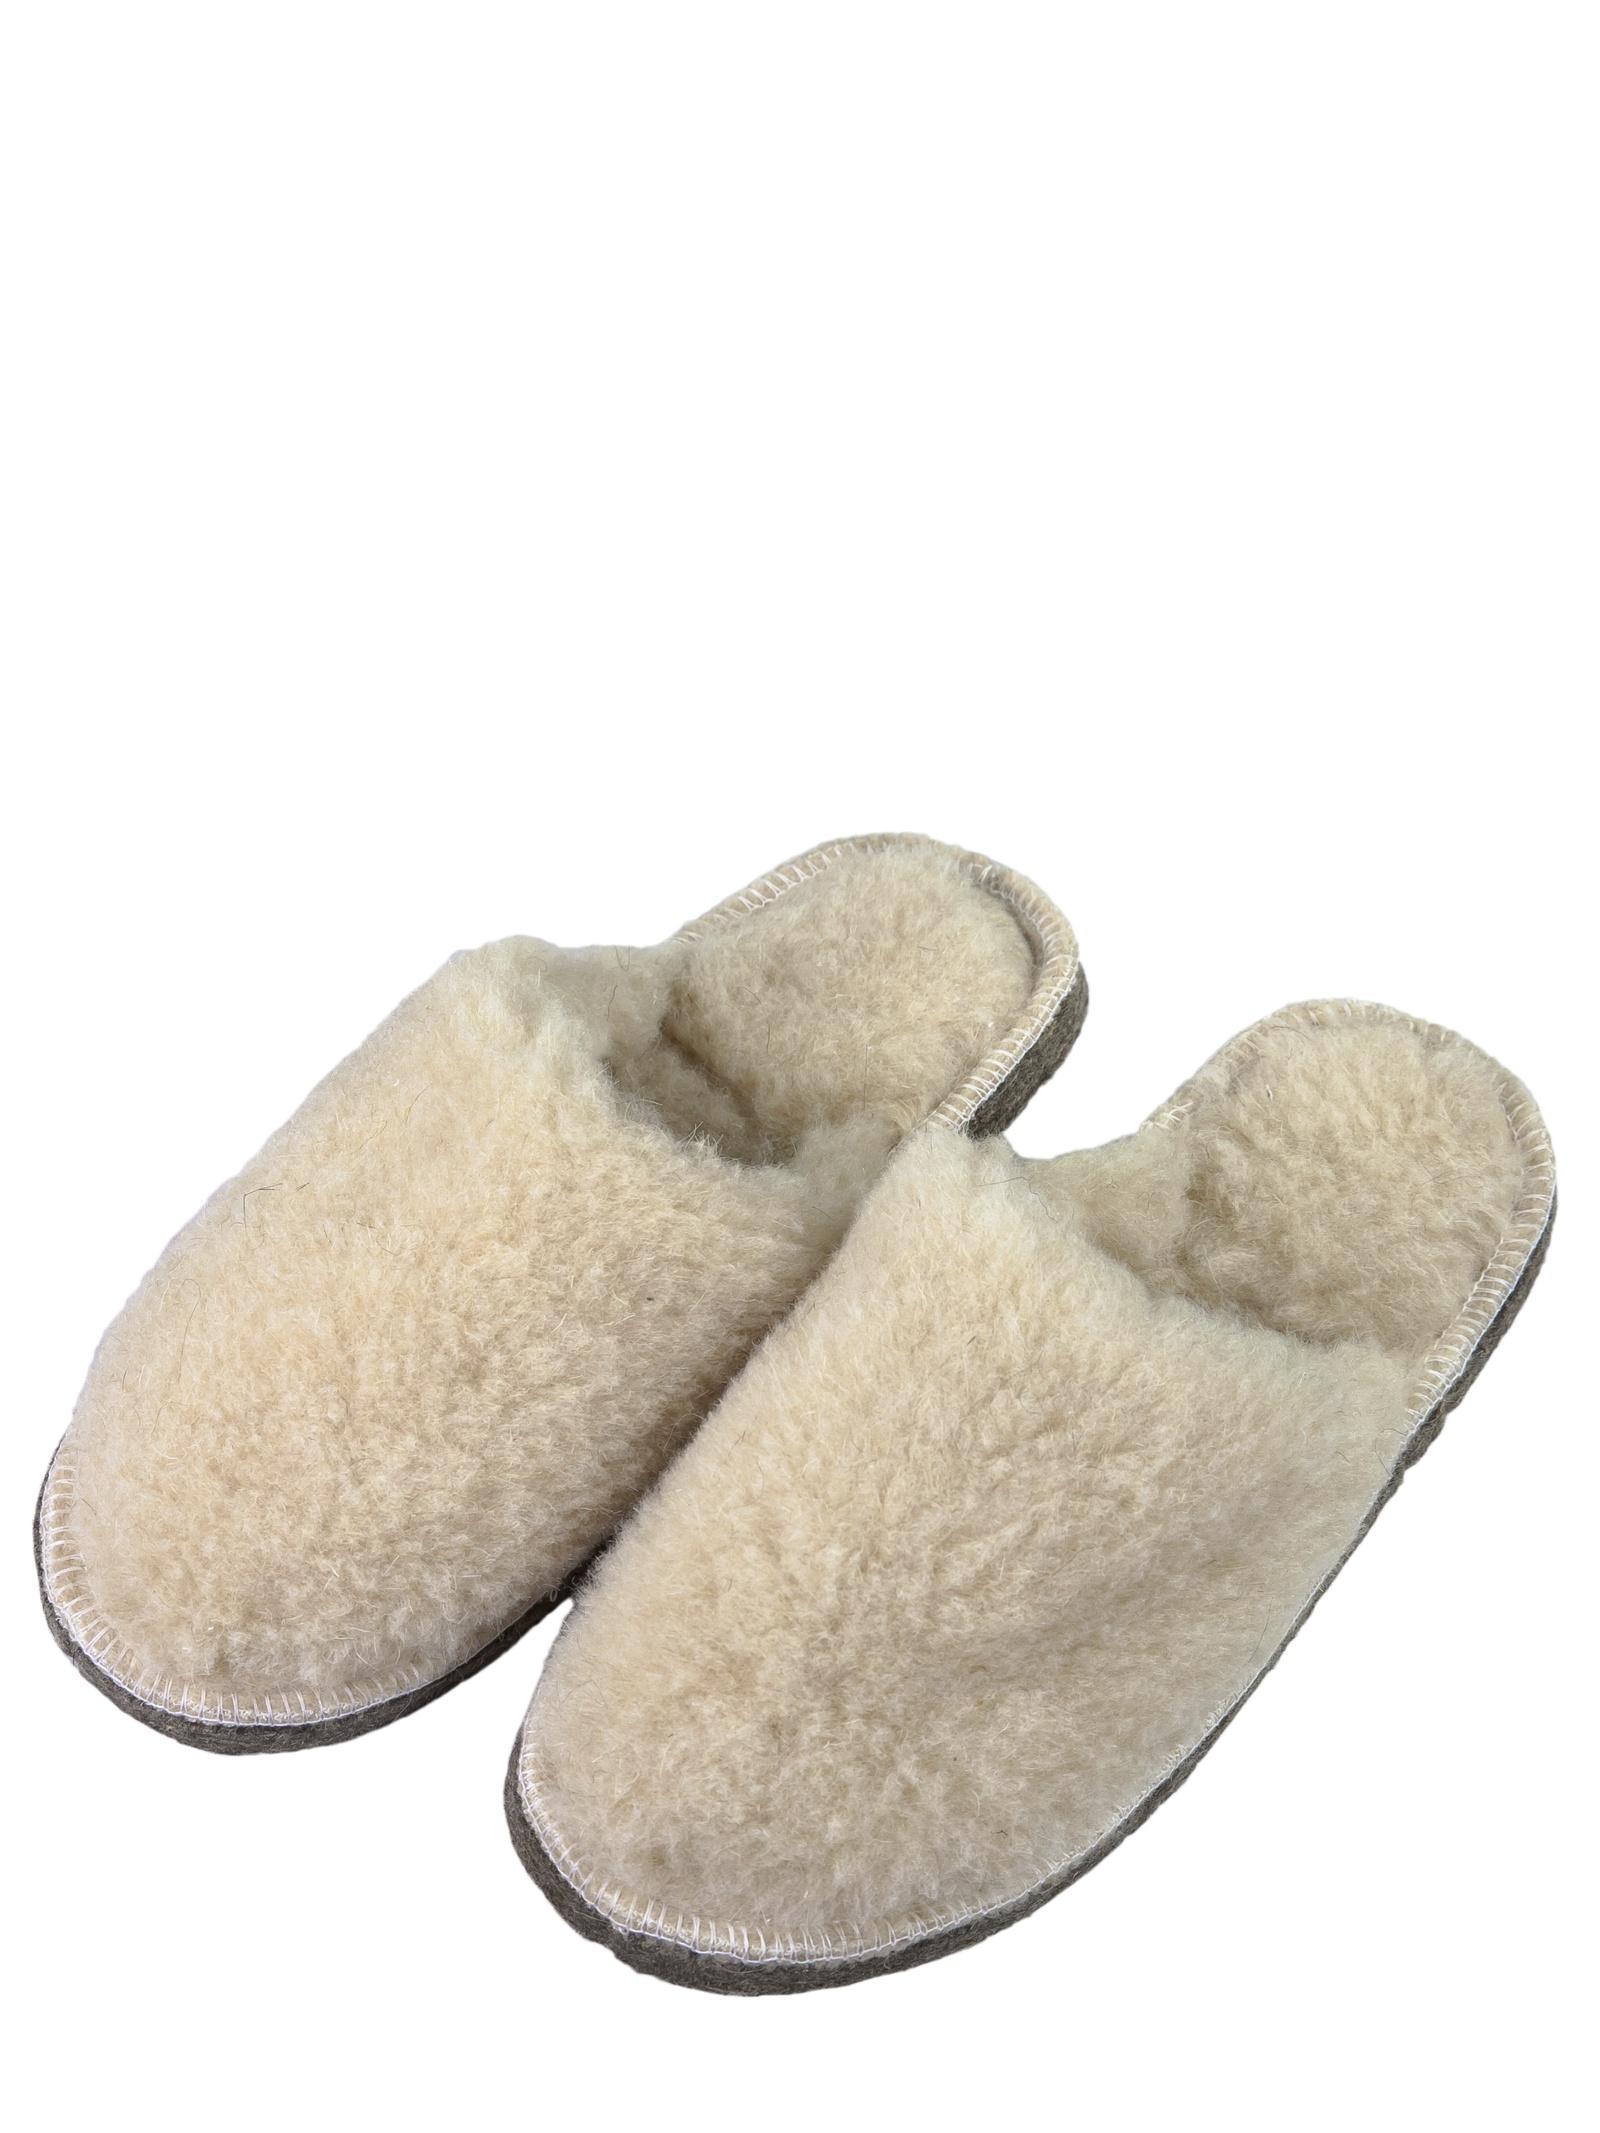 Тапочки Пумка, бежевый 45/46 размерПУМ-Тапочки008-45-46Тапочки меховые, с подошвой из 100% войлока, прошитые, с закрытым мысом и открытой пяткой.